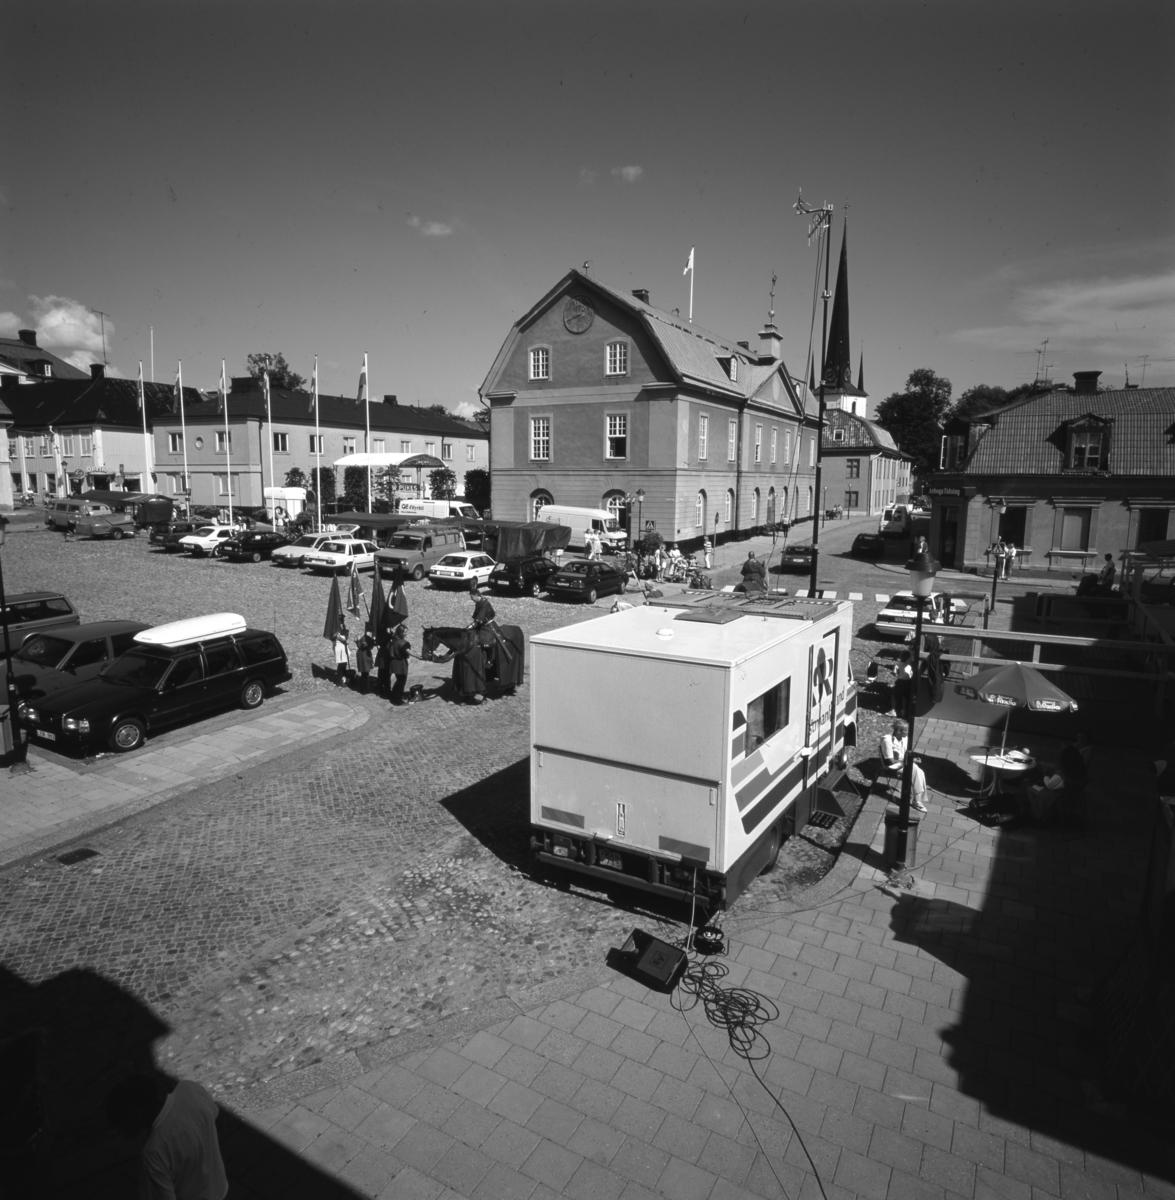 """Häst med riddarschabrak och riddare med fanor på Stora torget. Radio Västmanland har ställt upp sin sändningsbuss utanför Stadsgården. På trottoaren vid Rådhusgatan drar en ponny en vagn med två passagerare. """"Pukes"""" är möjligen en servering på Rådhusgården. Ett fönster är öppet i Kommunstyrelsesalen i Rådhuset. Bilar står parkerade i två rader på torget. I bakgrunden ses tornet på Heliga Trefaldighets kyrka. Medeltidsdagar? Fotografen har tagit bilden från ett fönster i sin bostad."""